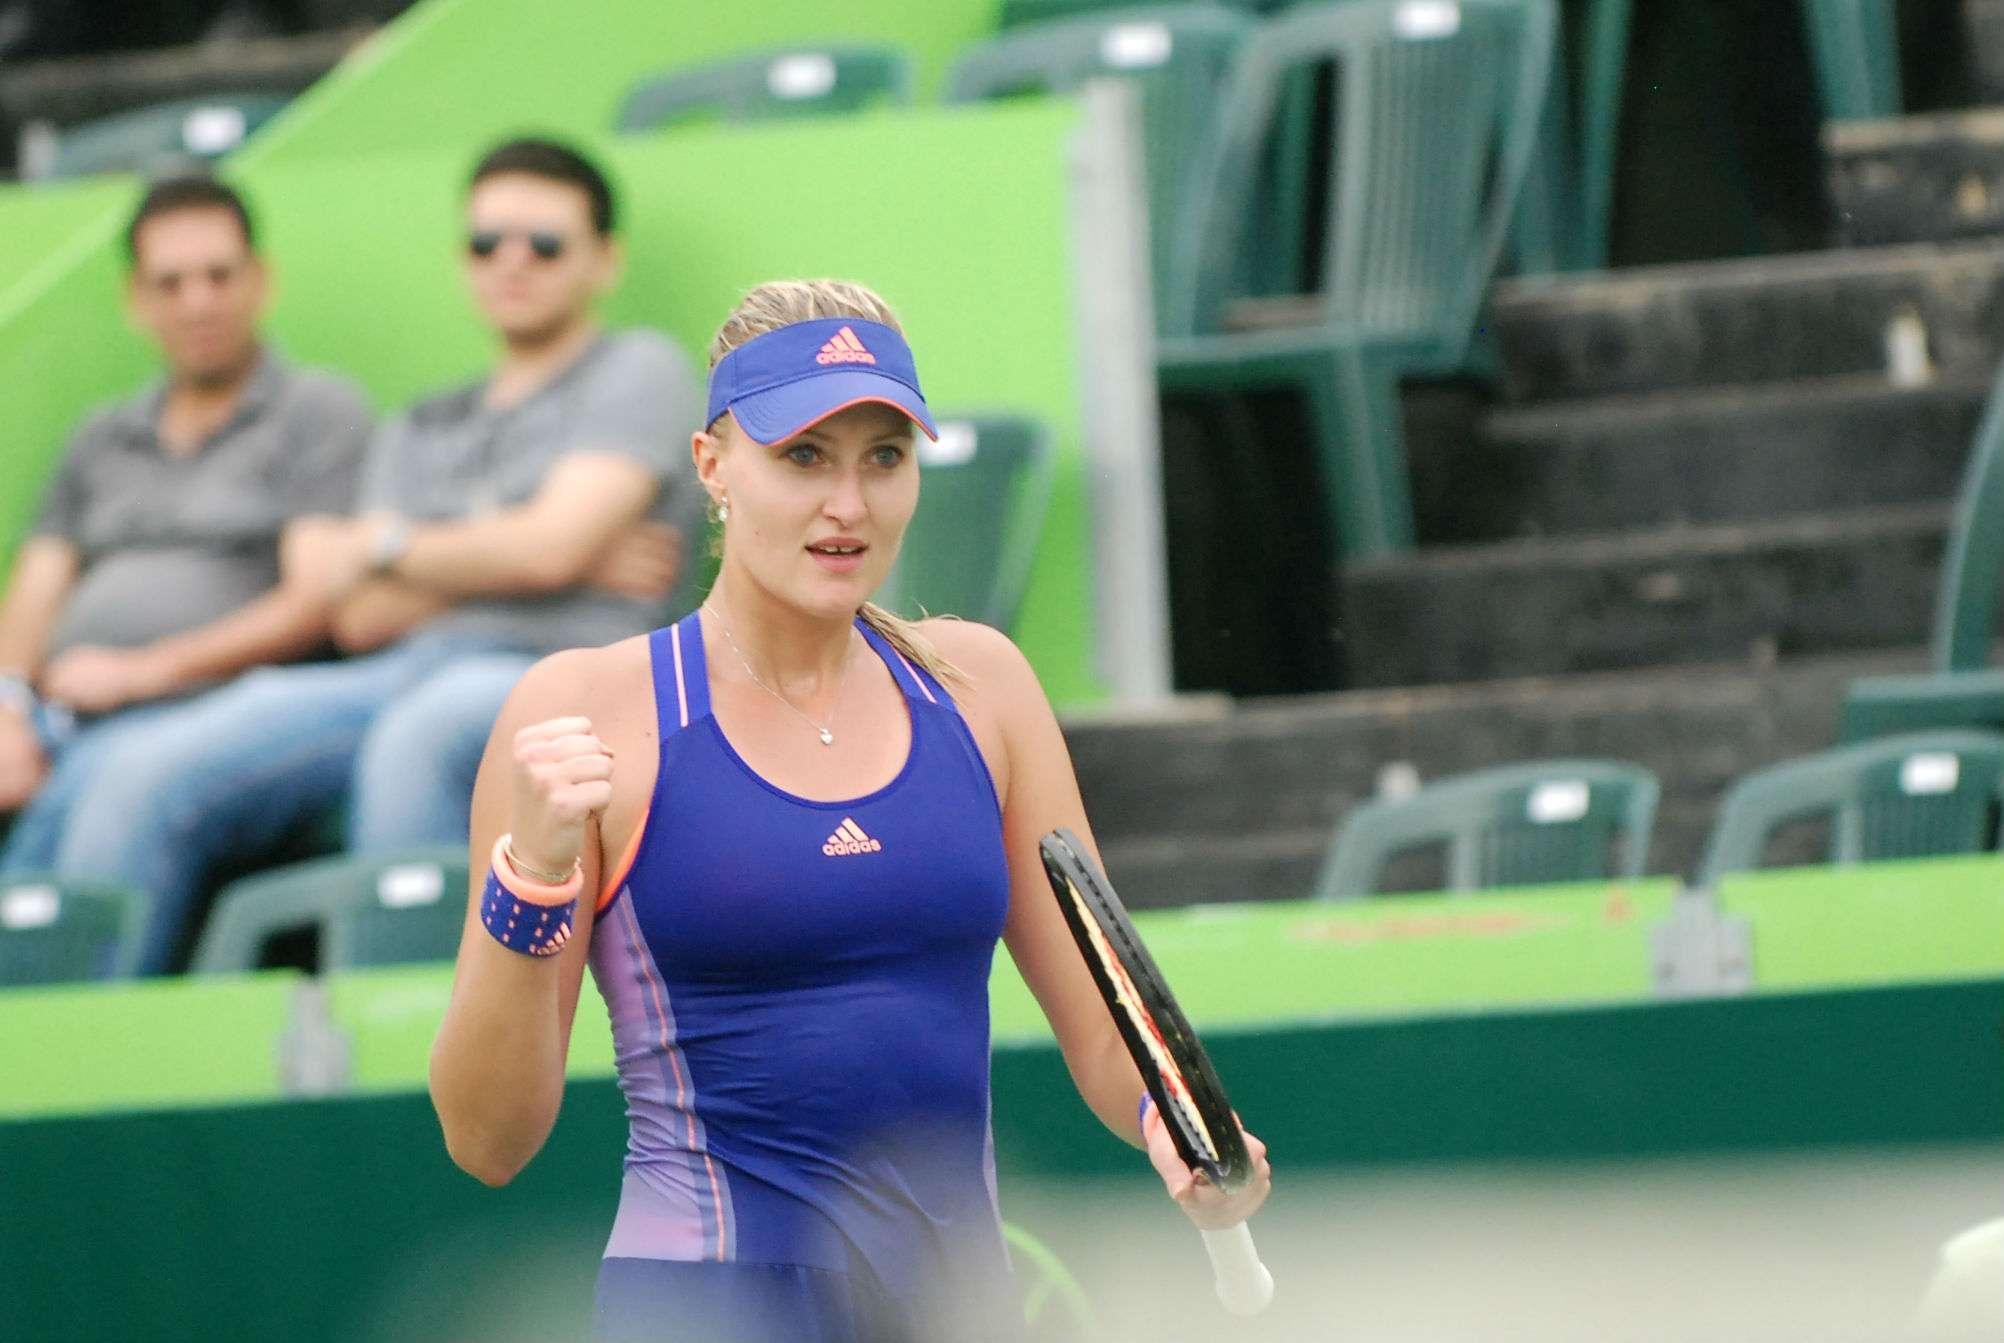 Kristina Mladenovic venció a Vera Zvonareva en el Abierto de Tenis Monterrey. Foto: Terra